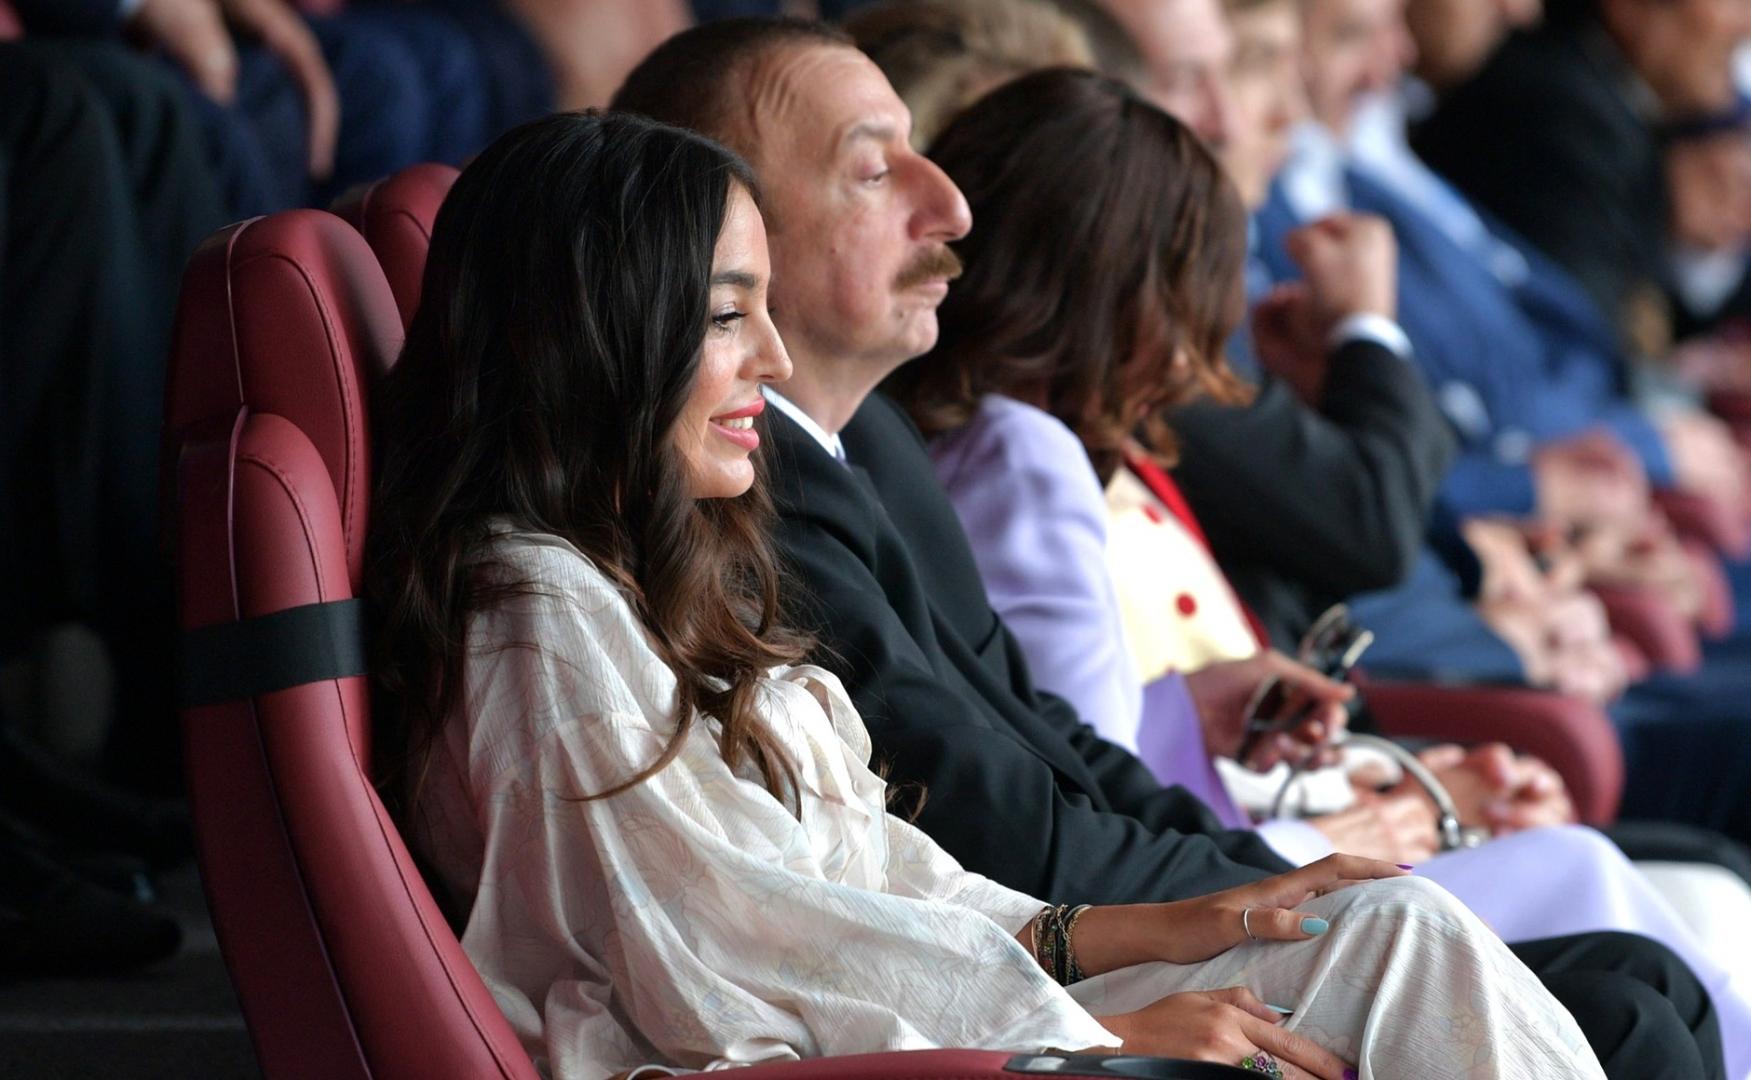 Ильхам Алиев на церемонии открытия чемпионата мира по футболу 2018 года